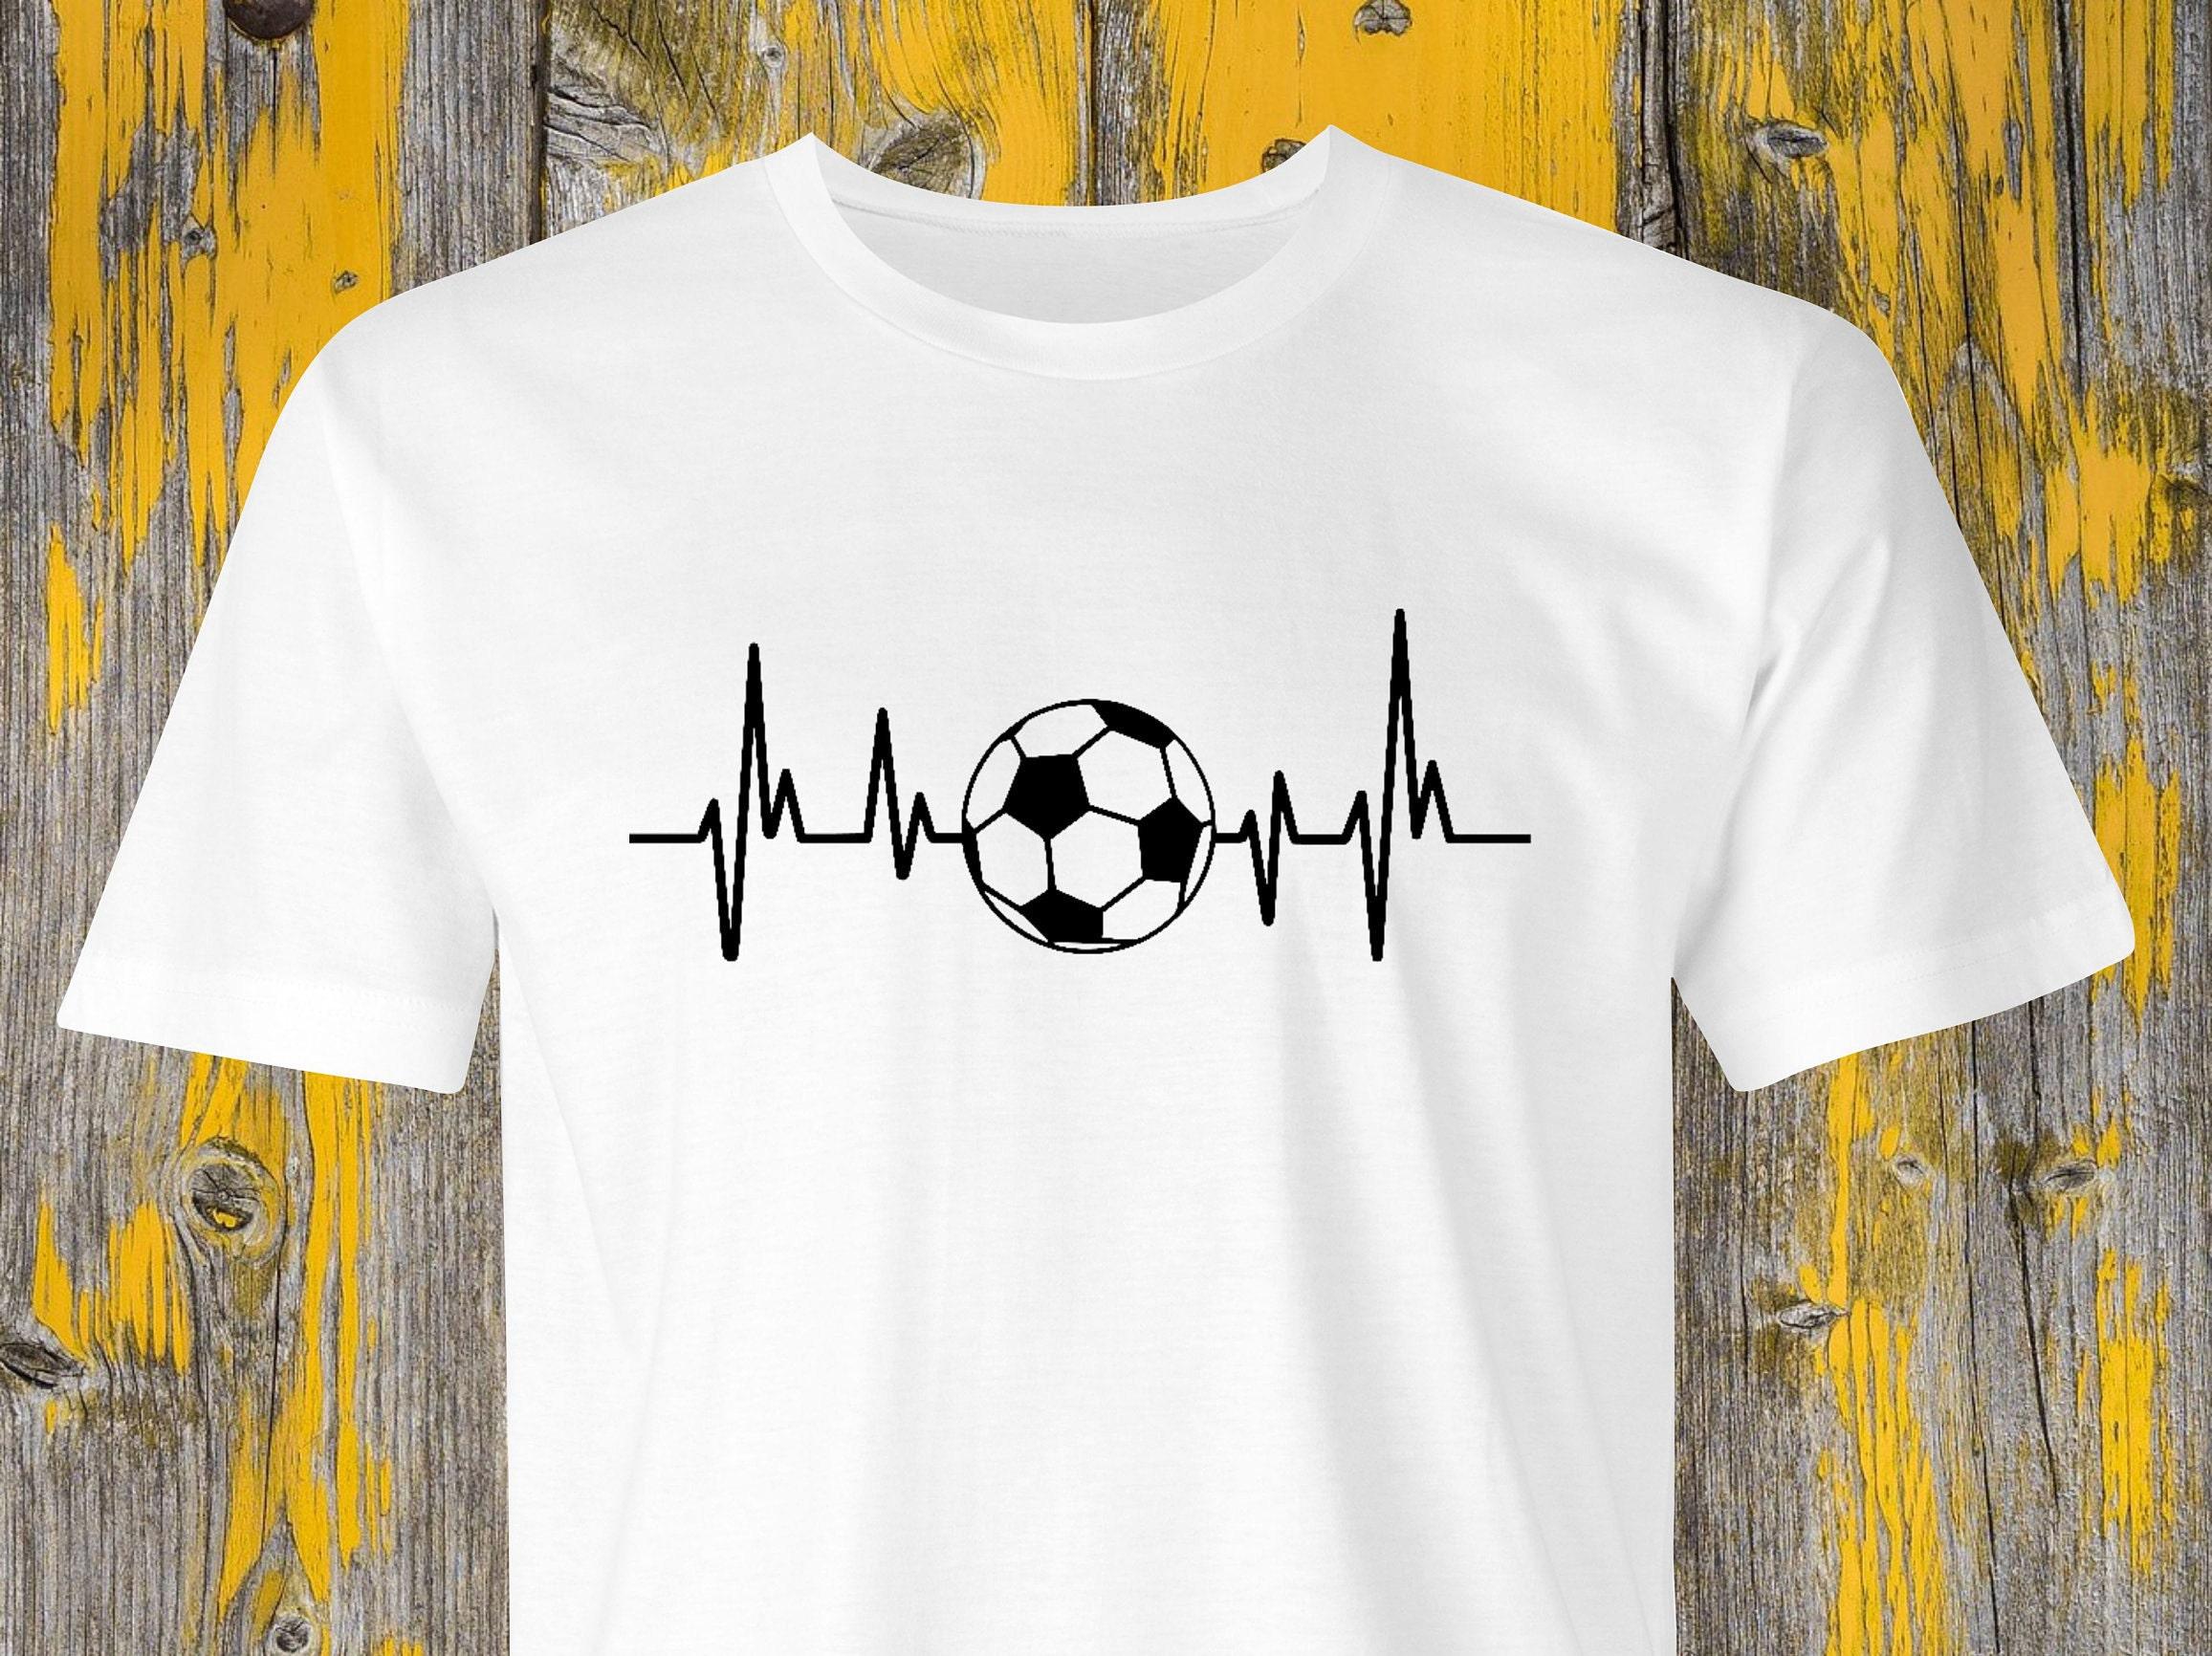 Football Heartbeat T-shirt Soccer Heartbeat Shirt Football Printsoccer Ball Heartbeatsoccer T-shirtfootball Game Tshirt Soccer Ball. Unisex Tshirt